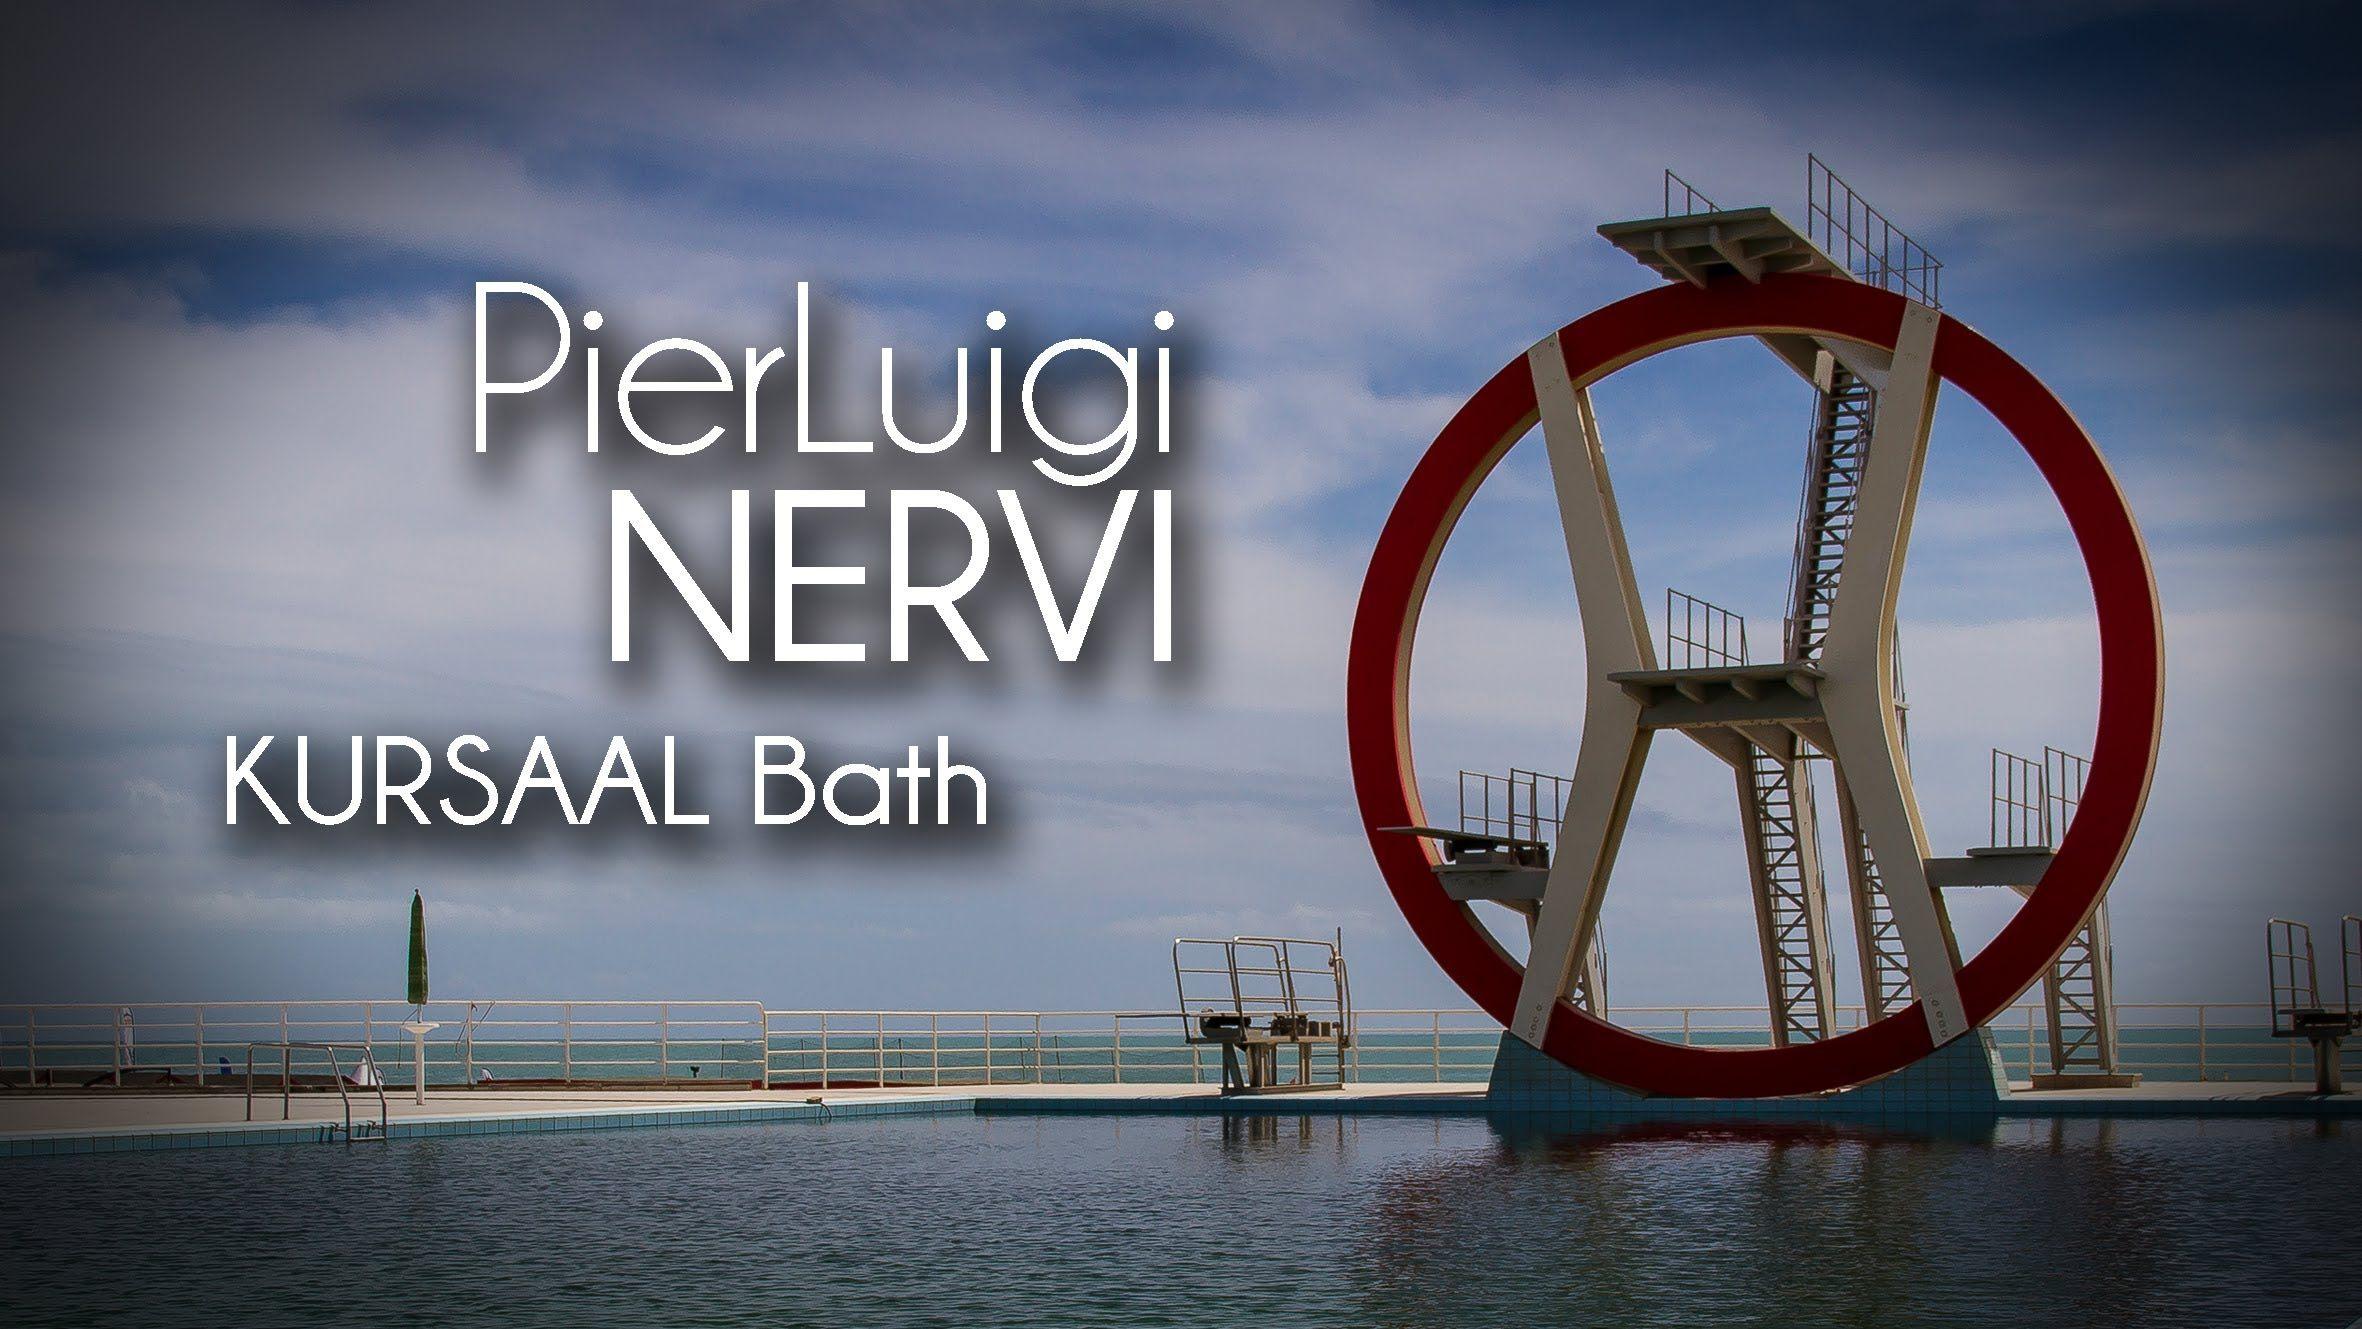 Pier Luigi NERVI - KURSAAL Bath